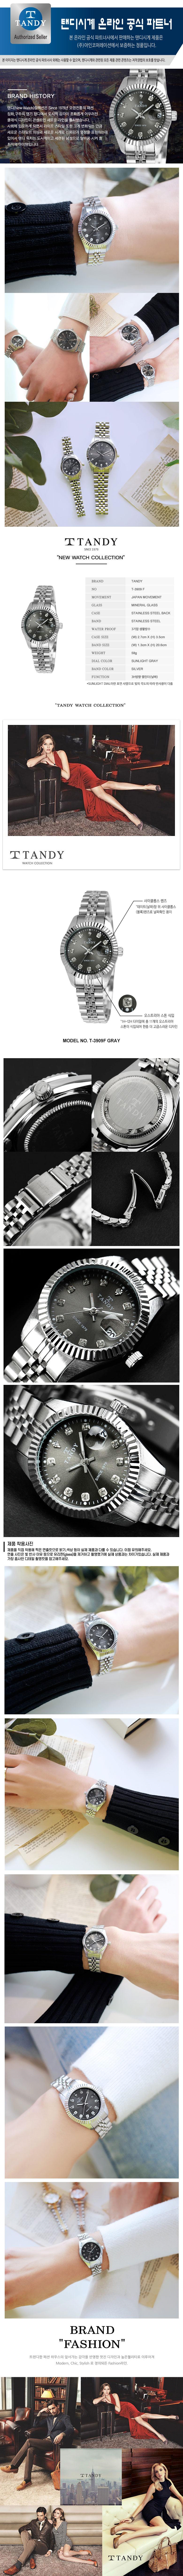 탠디(TANDY) 럭셔리 커플 메탈 손목시계(스와로브스키 식입) T-3909 여자 실버